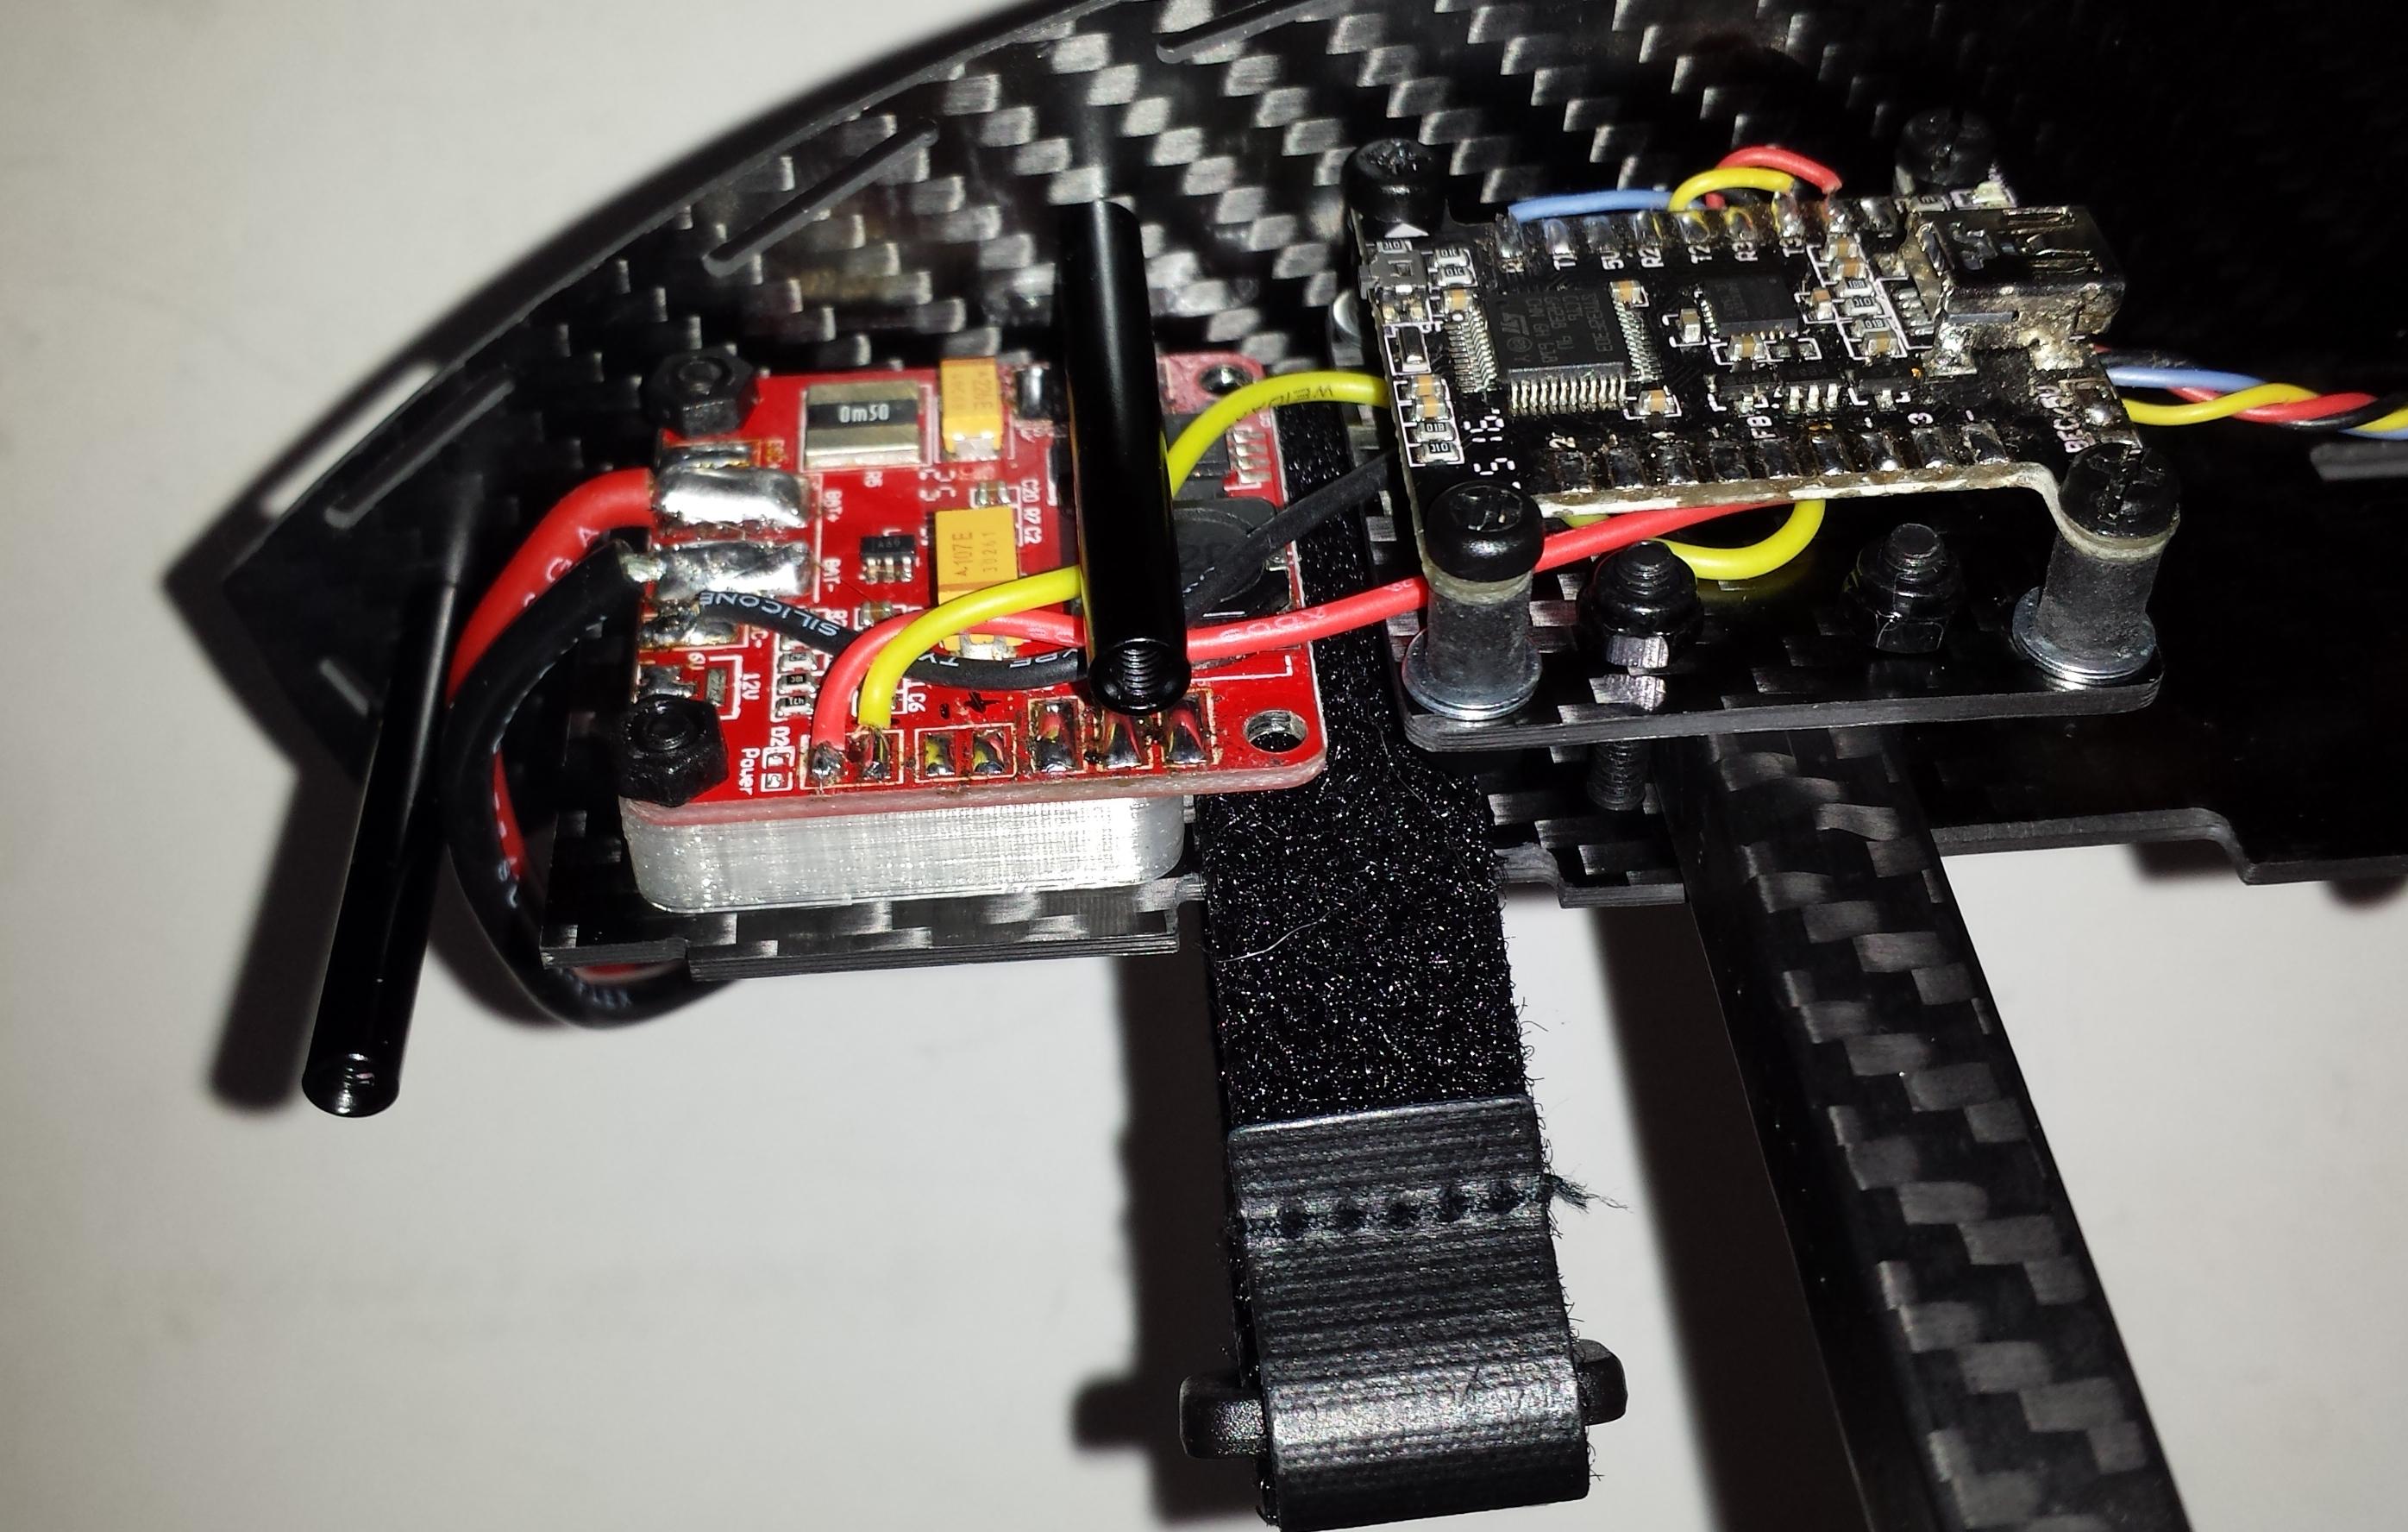 RCE build PDB Riser